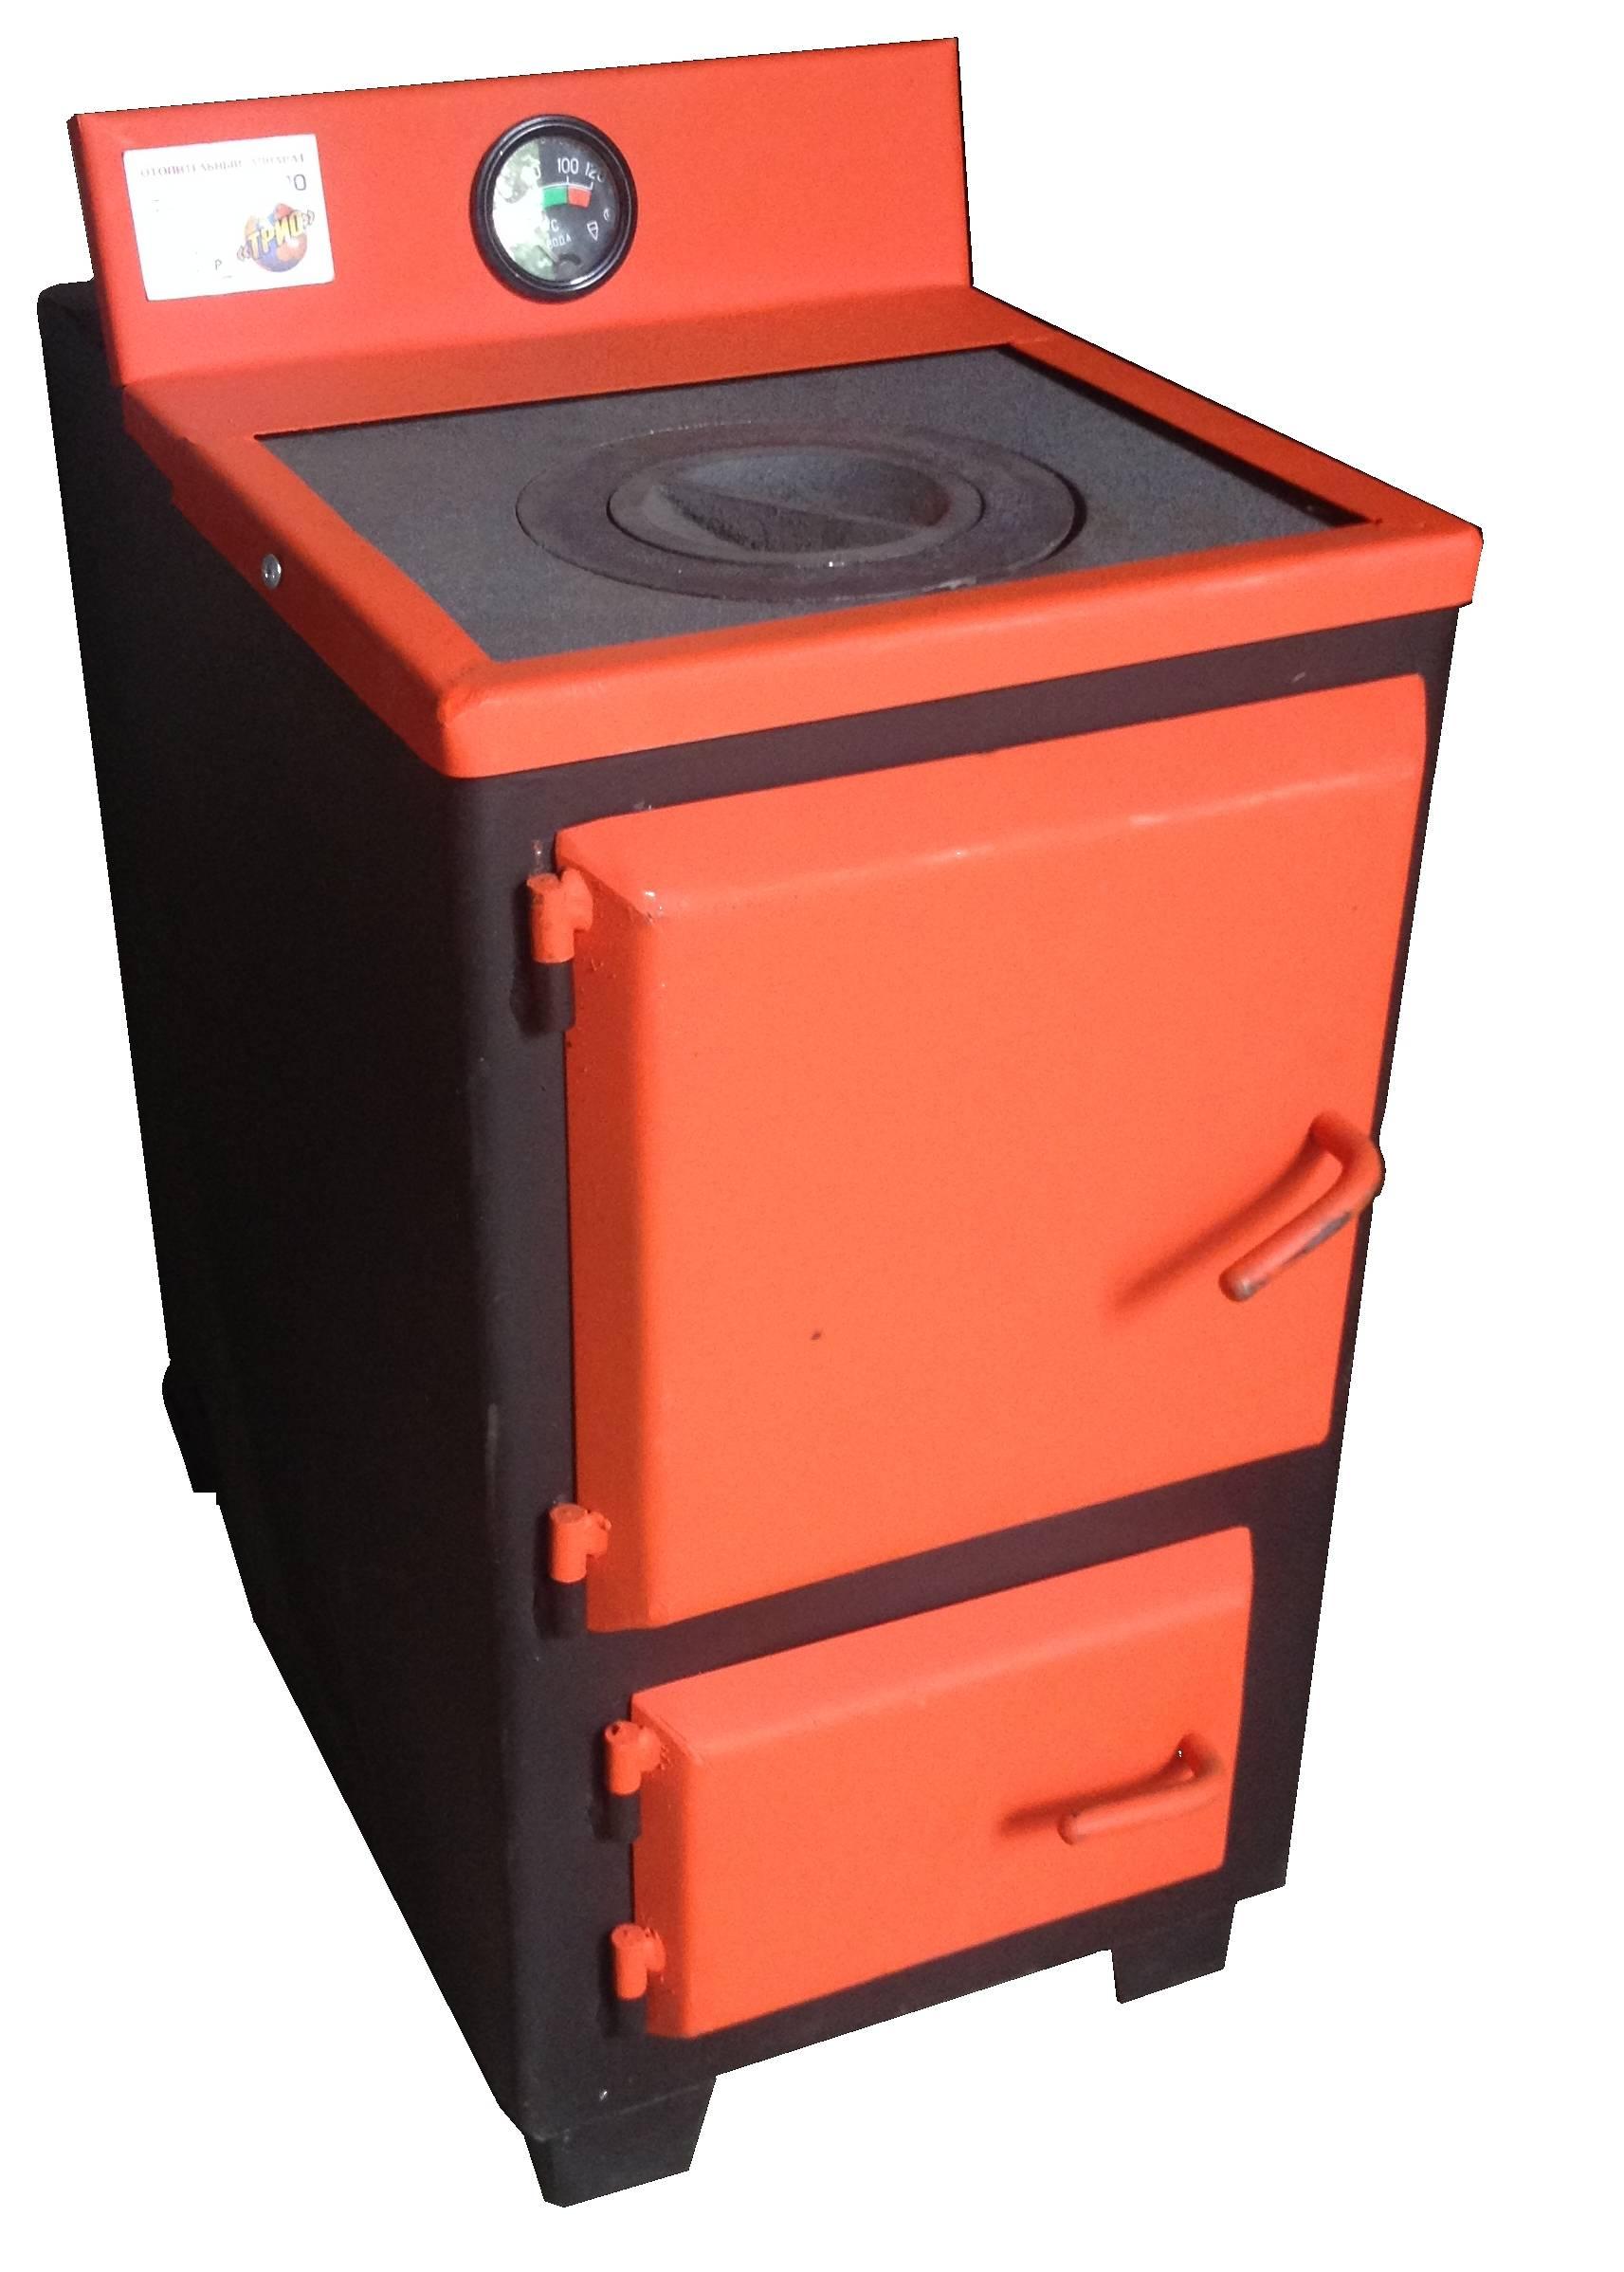 Комбинированный котел отопления для частного дома – на каких видах топлива работает?